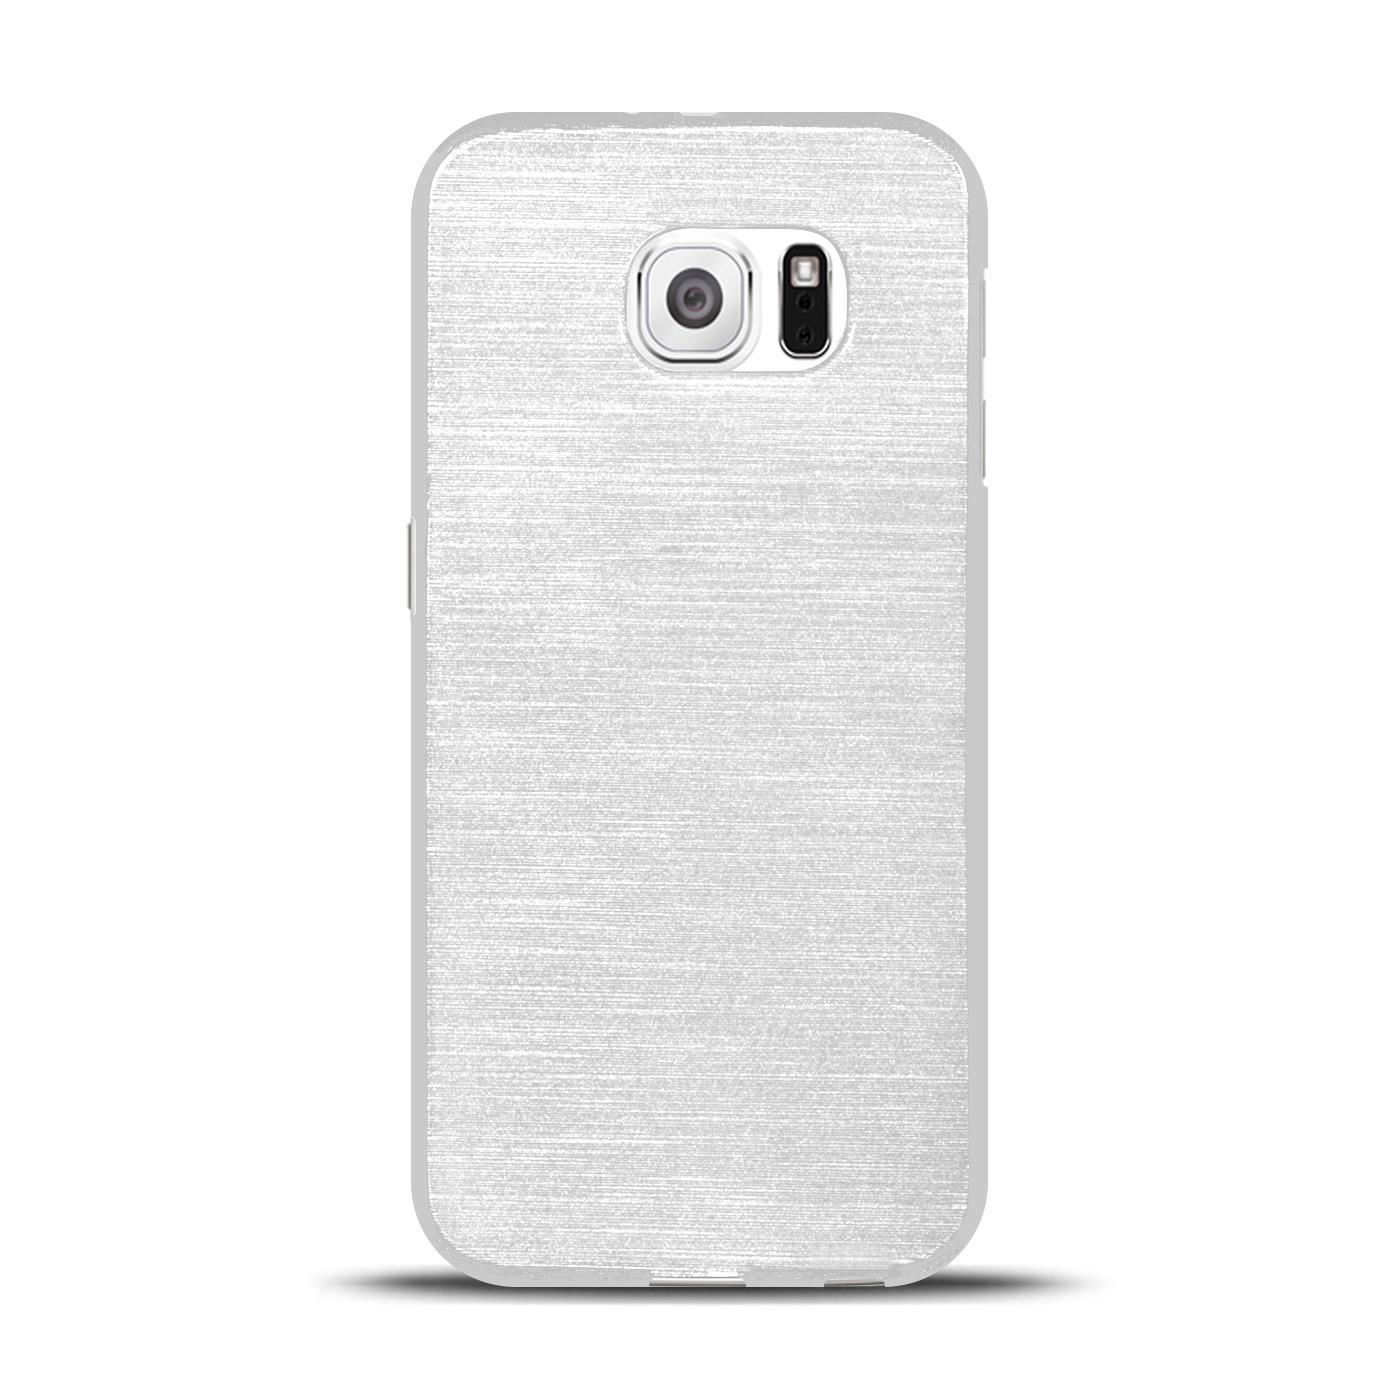 Silikon-Bumper-Case-fuer-Samsung-Galaxy-s6-duenne-ultra-slim-Stossfeste-Rueckschale Indexbild 42